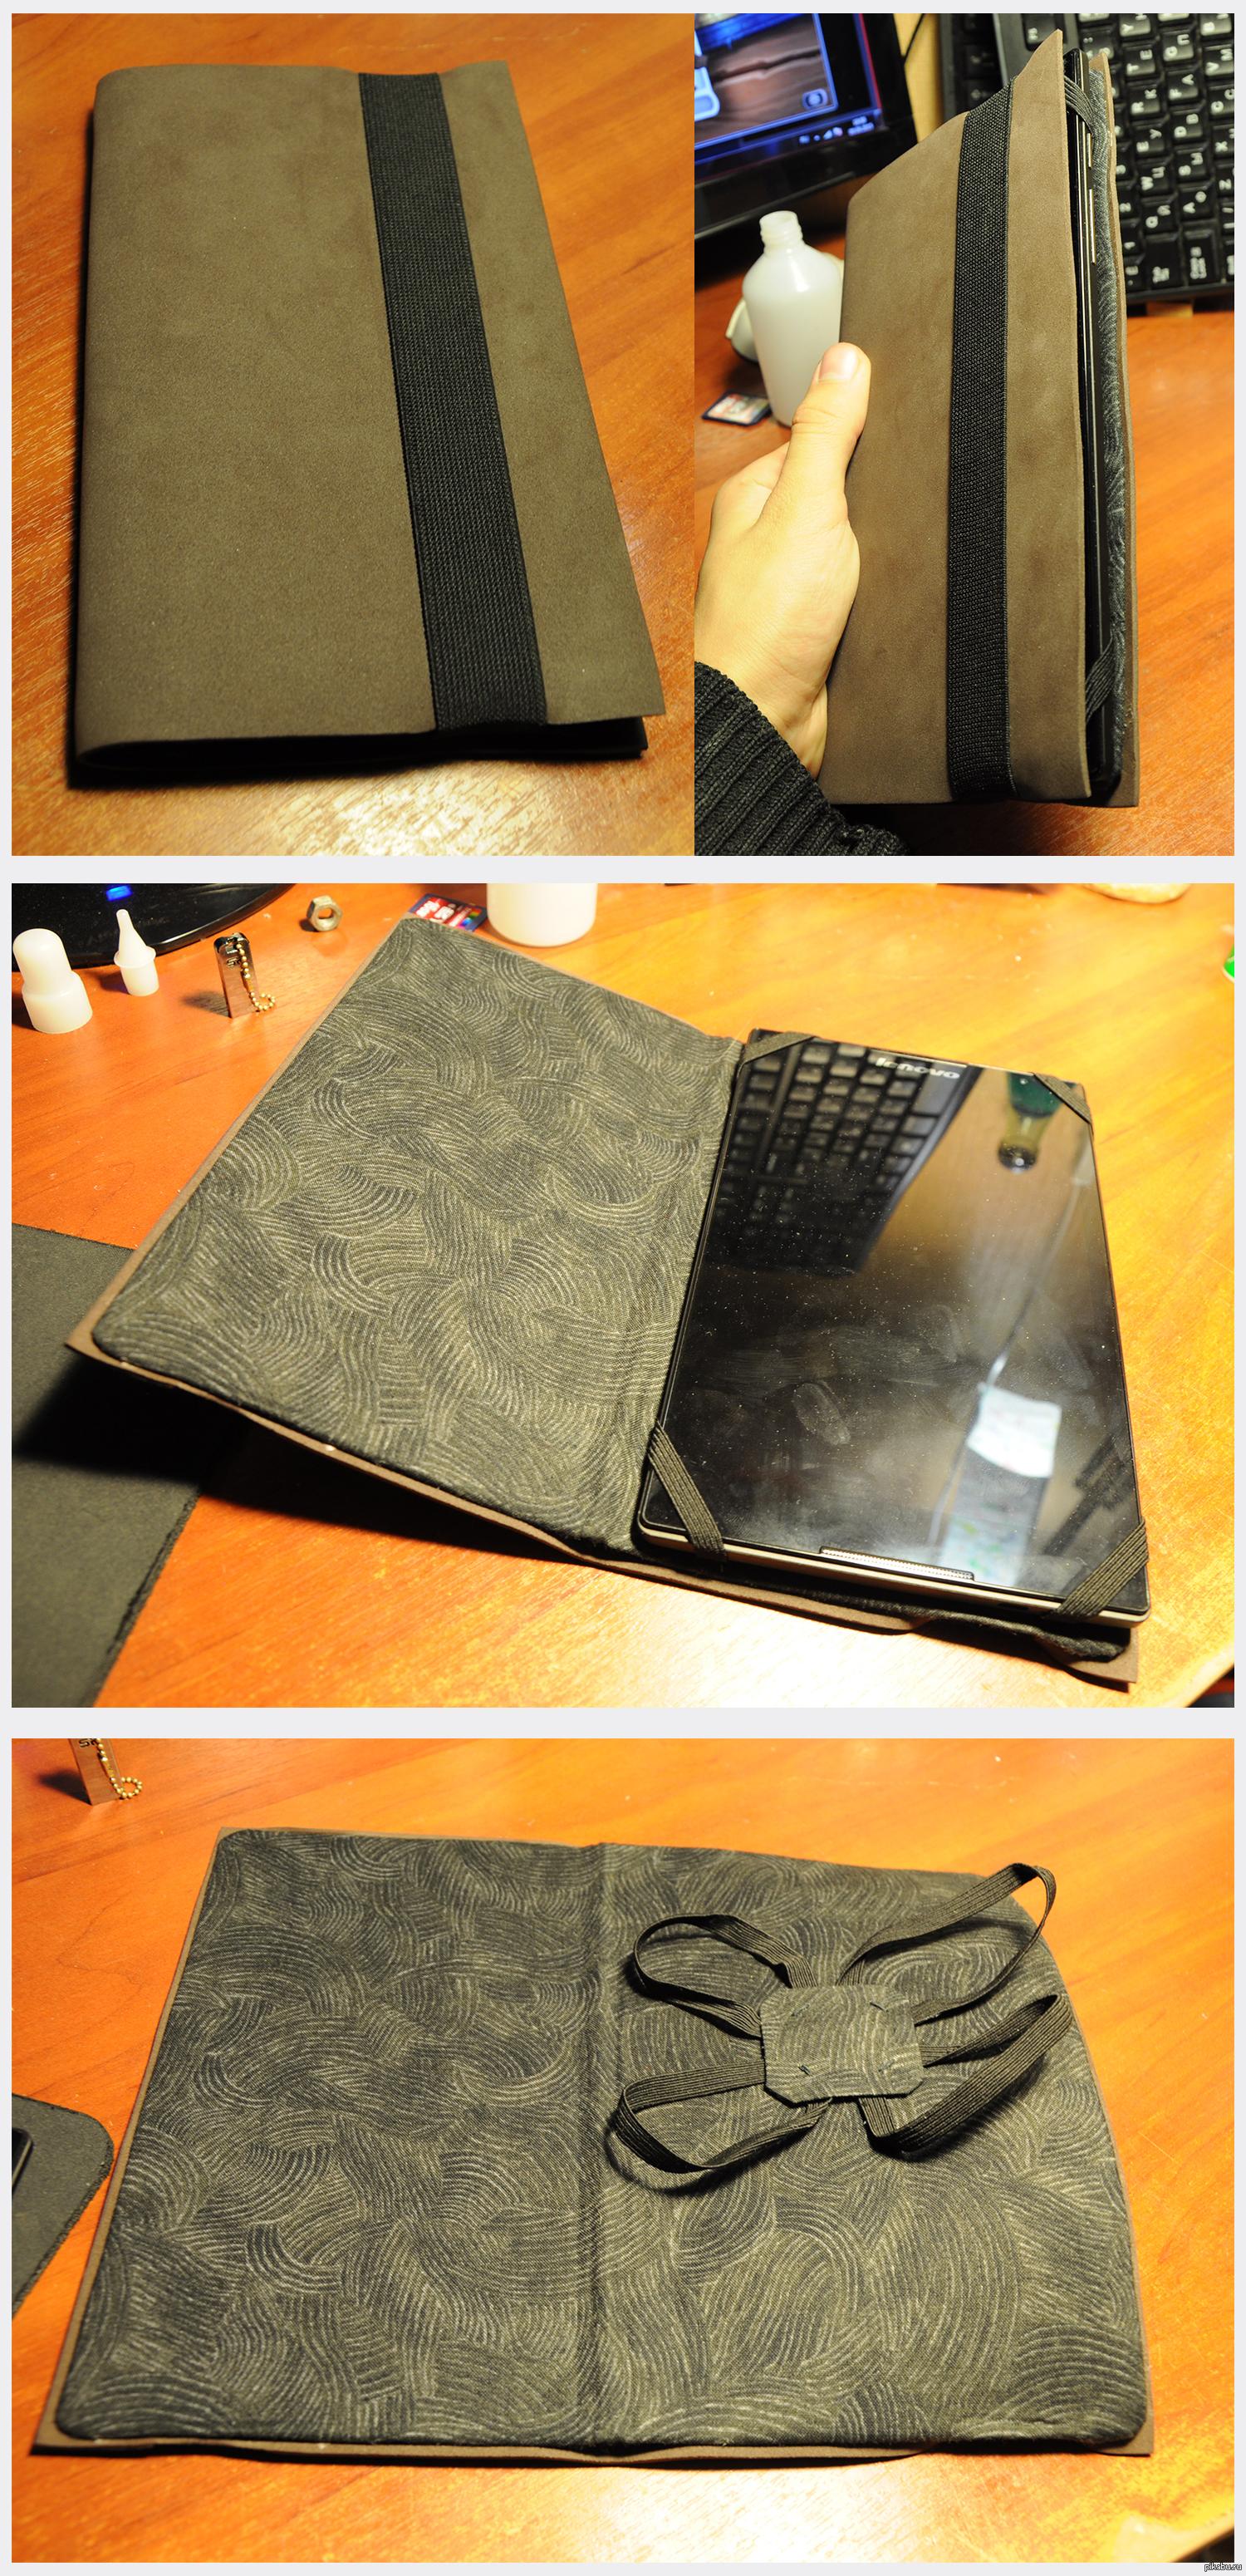 Чехол для планшета своими руками из джинс фото 463